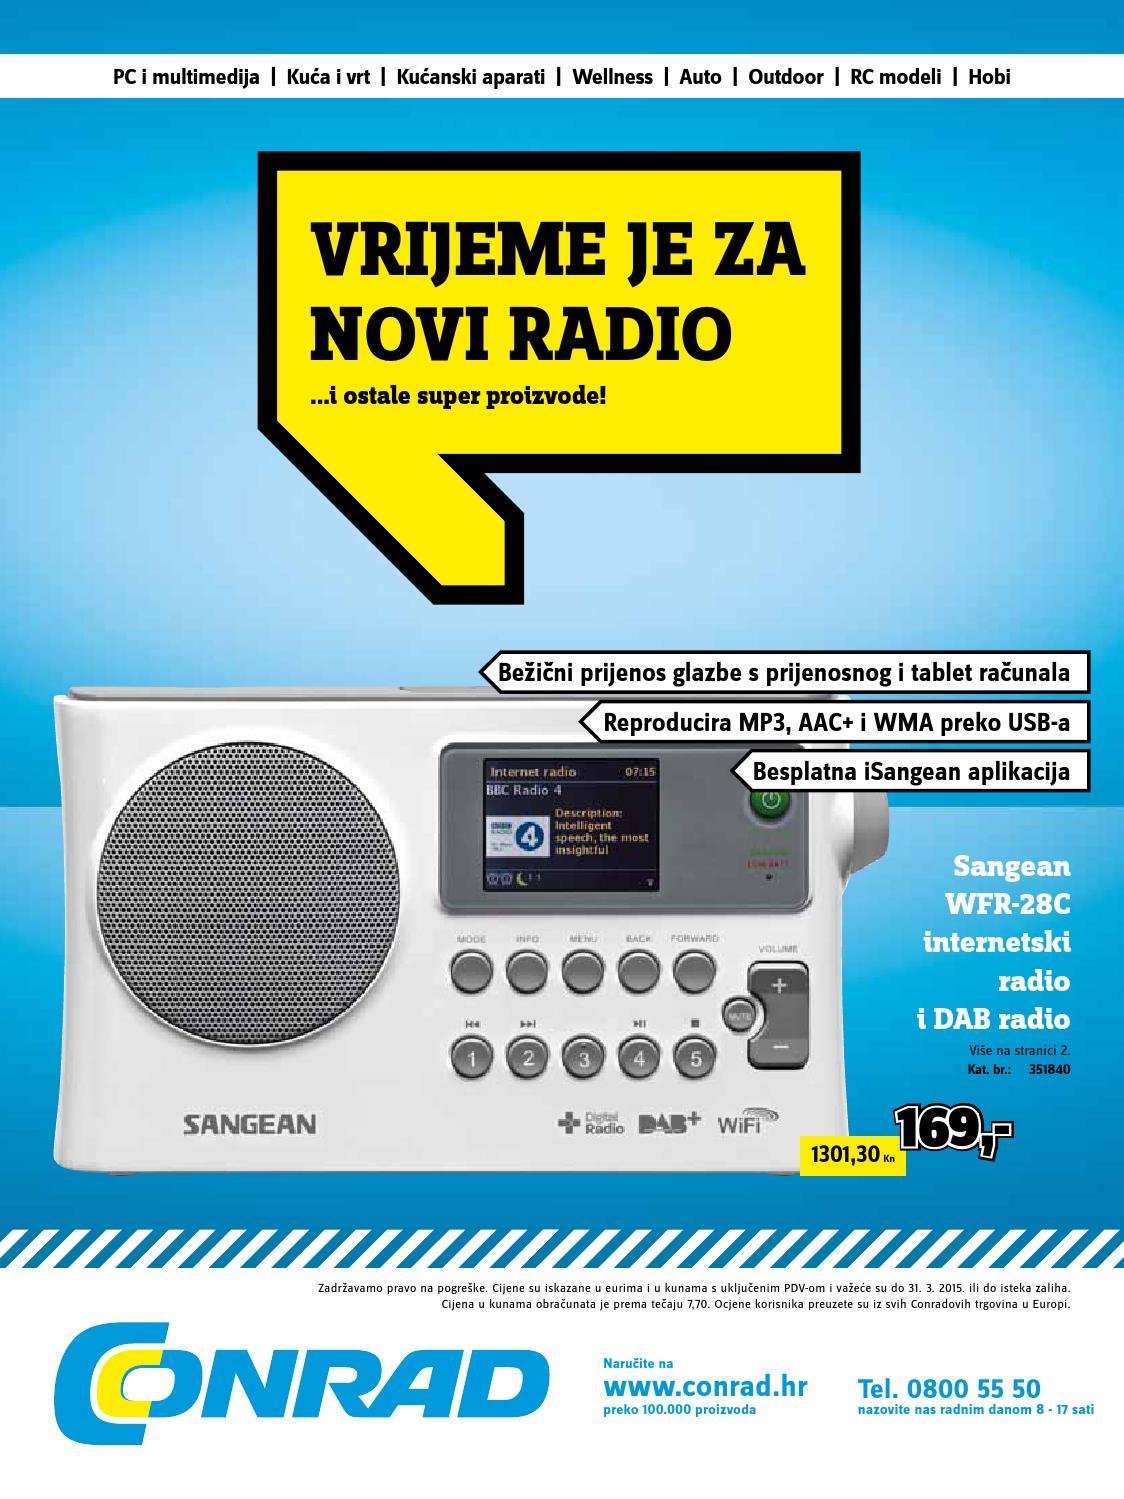 pojačalo pretraga na radijskoj radio postaji